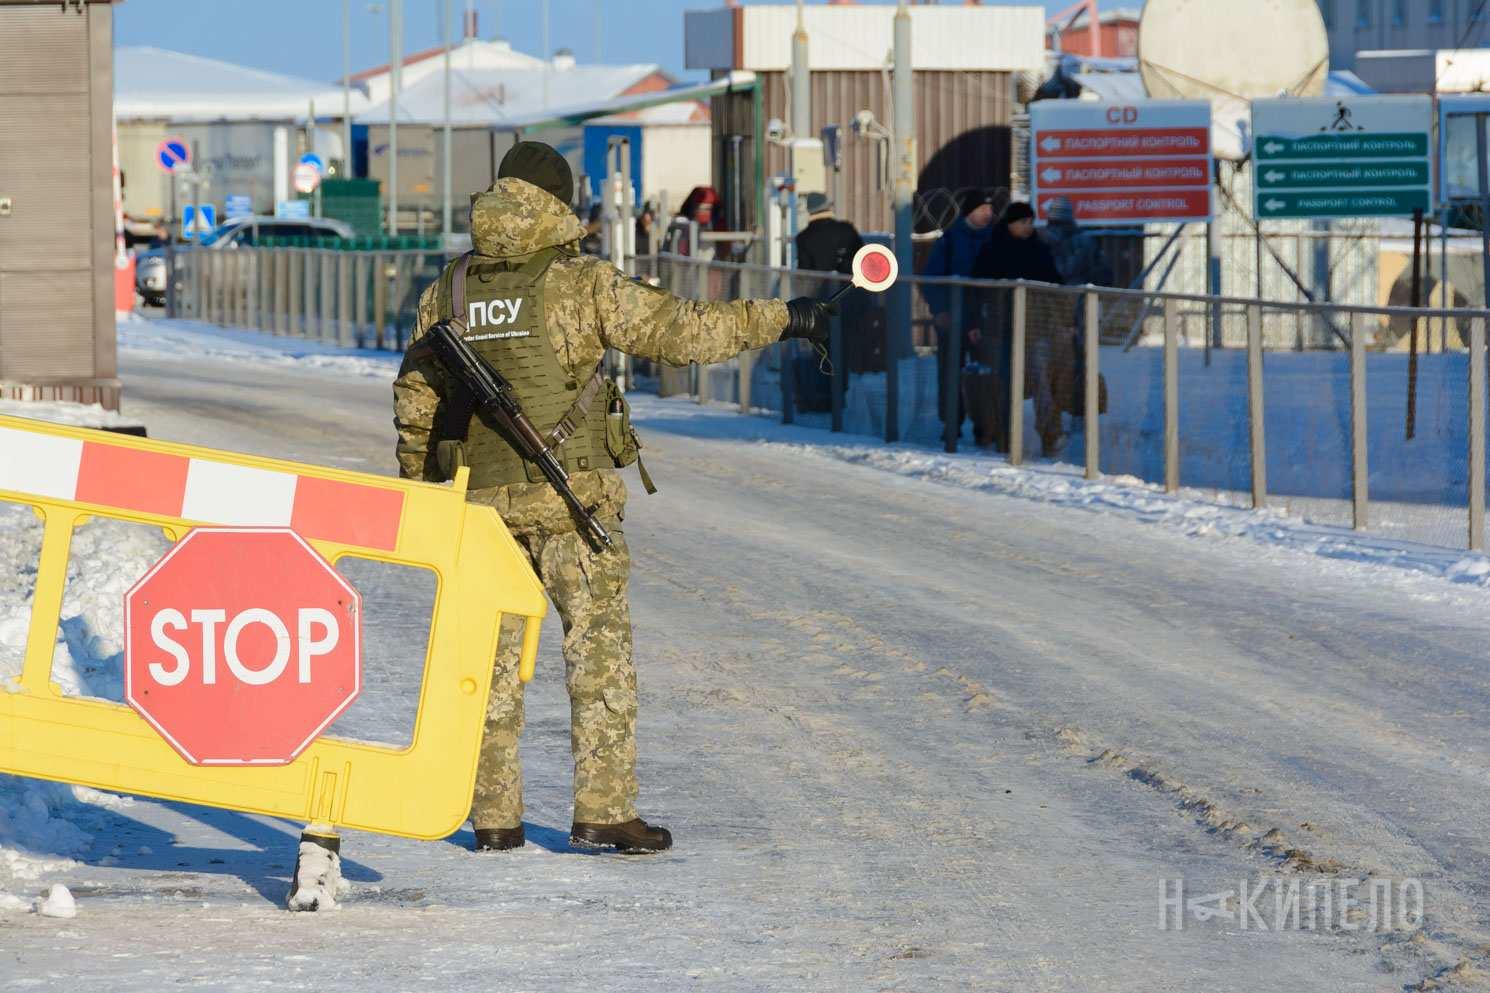 россия граница украина гоптовка погранничник погранслужба граница